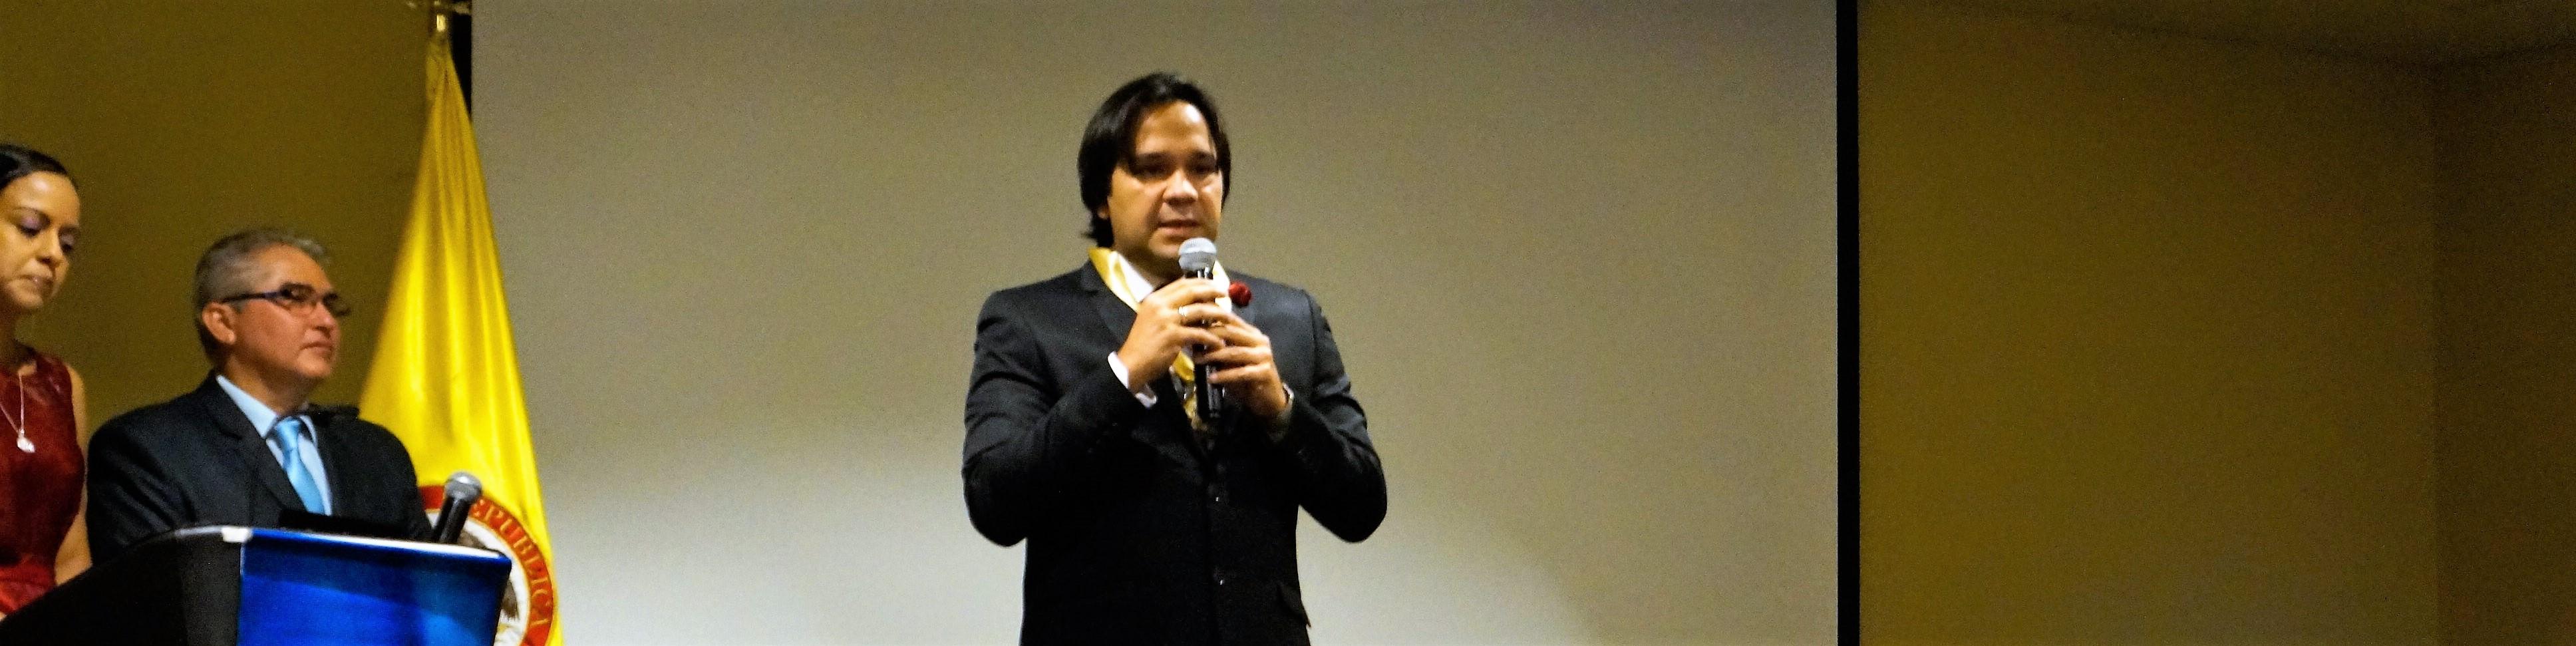 Lázaro Rafael Escalante, Alcalde de Baranoa (Colombia) 2018.